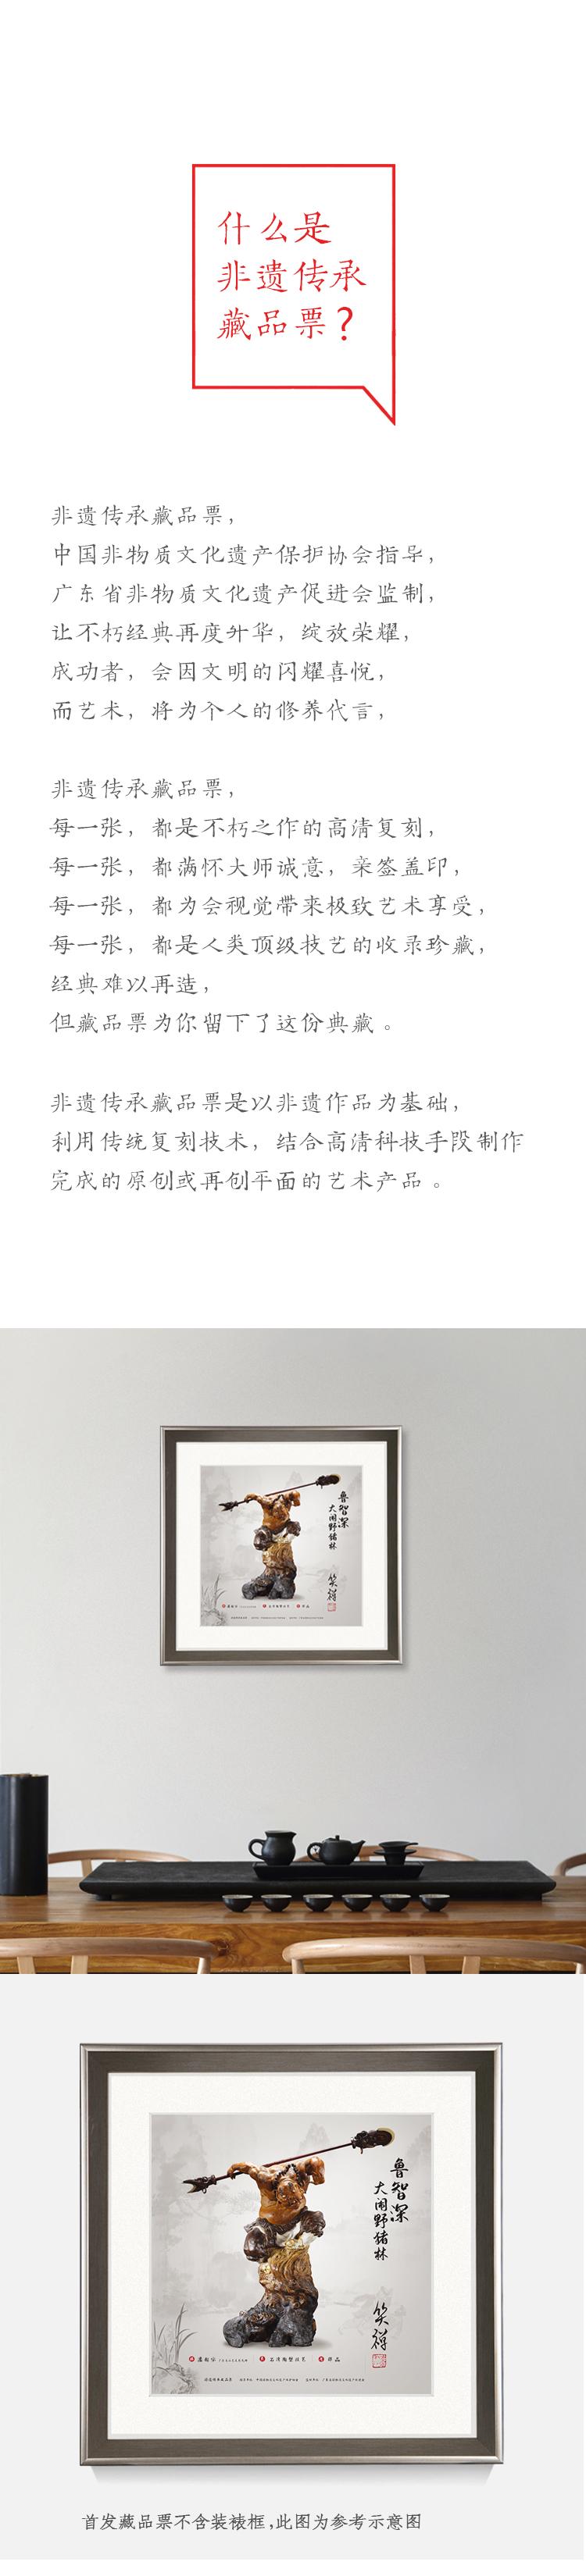 鲁智深大闹野猪林_05.jpg